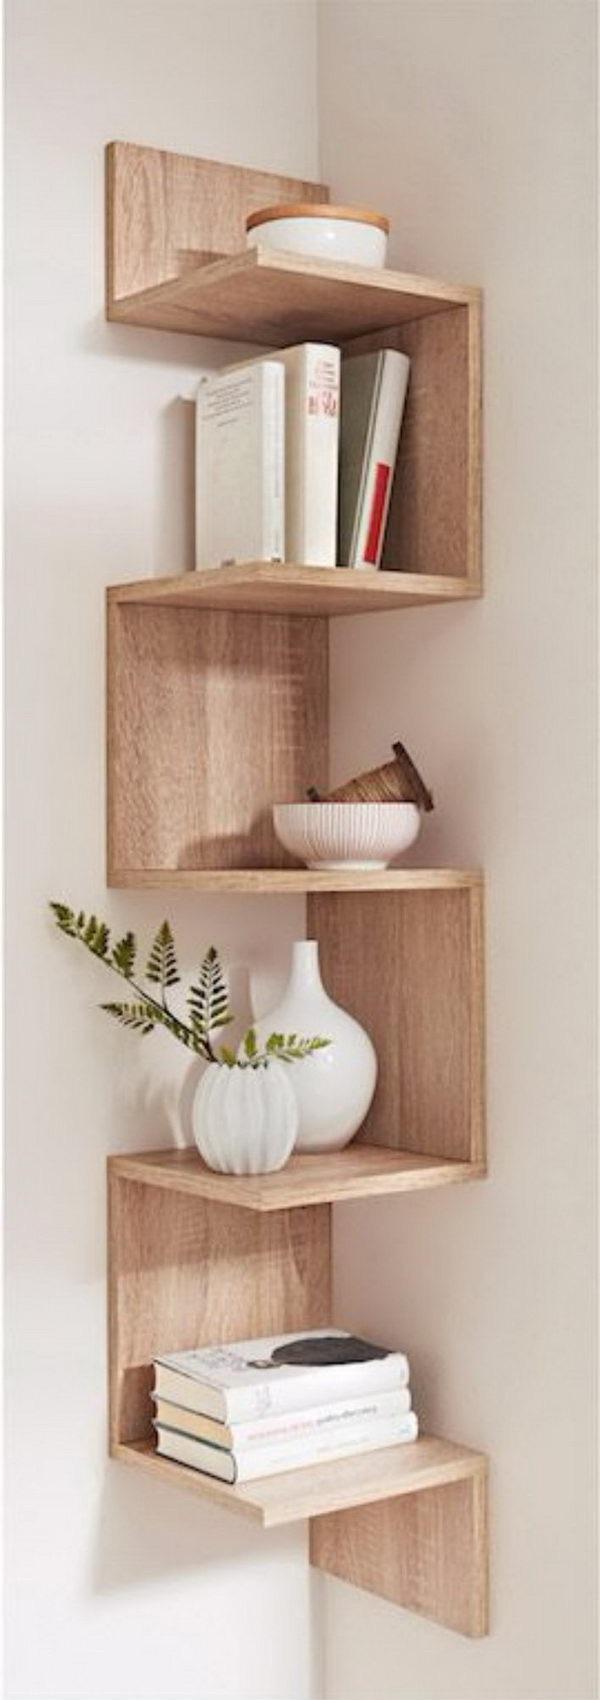 Estantes esquineros que puedes hacer tu mismo for Esquineros de madera para cocina